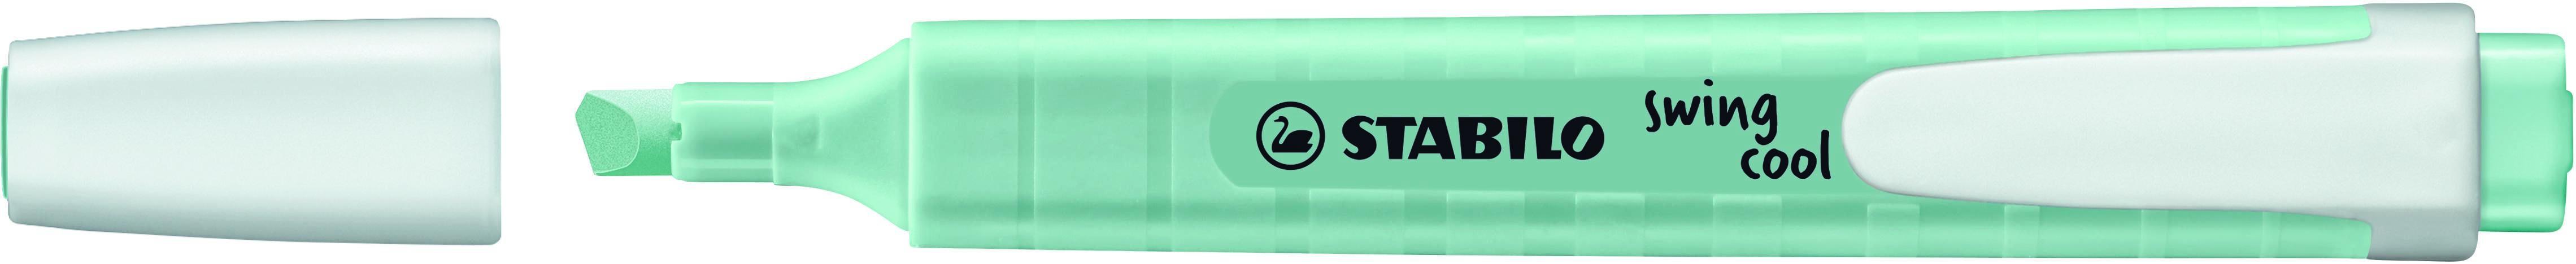 STABILO swing cool Pastel - Surligneur - touche de turquoise